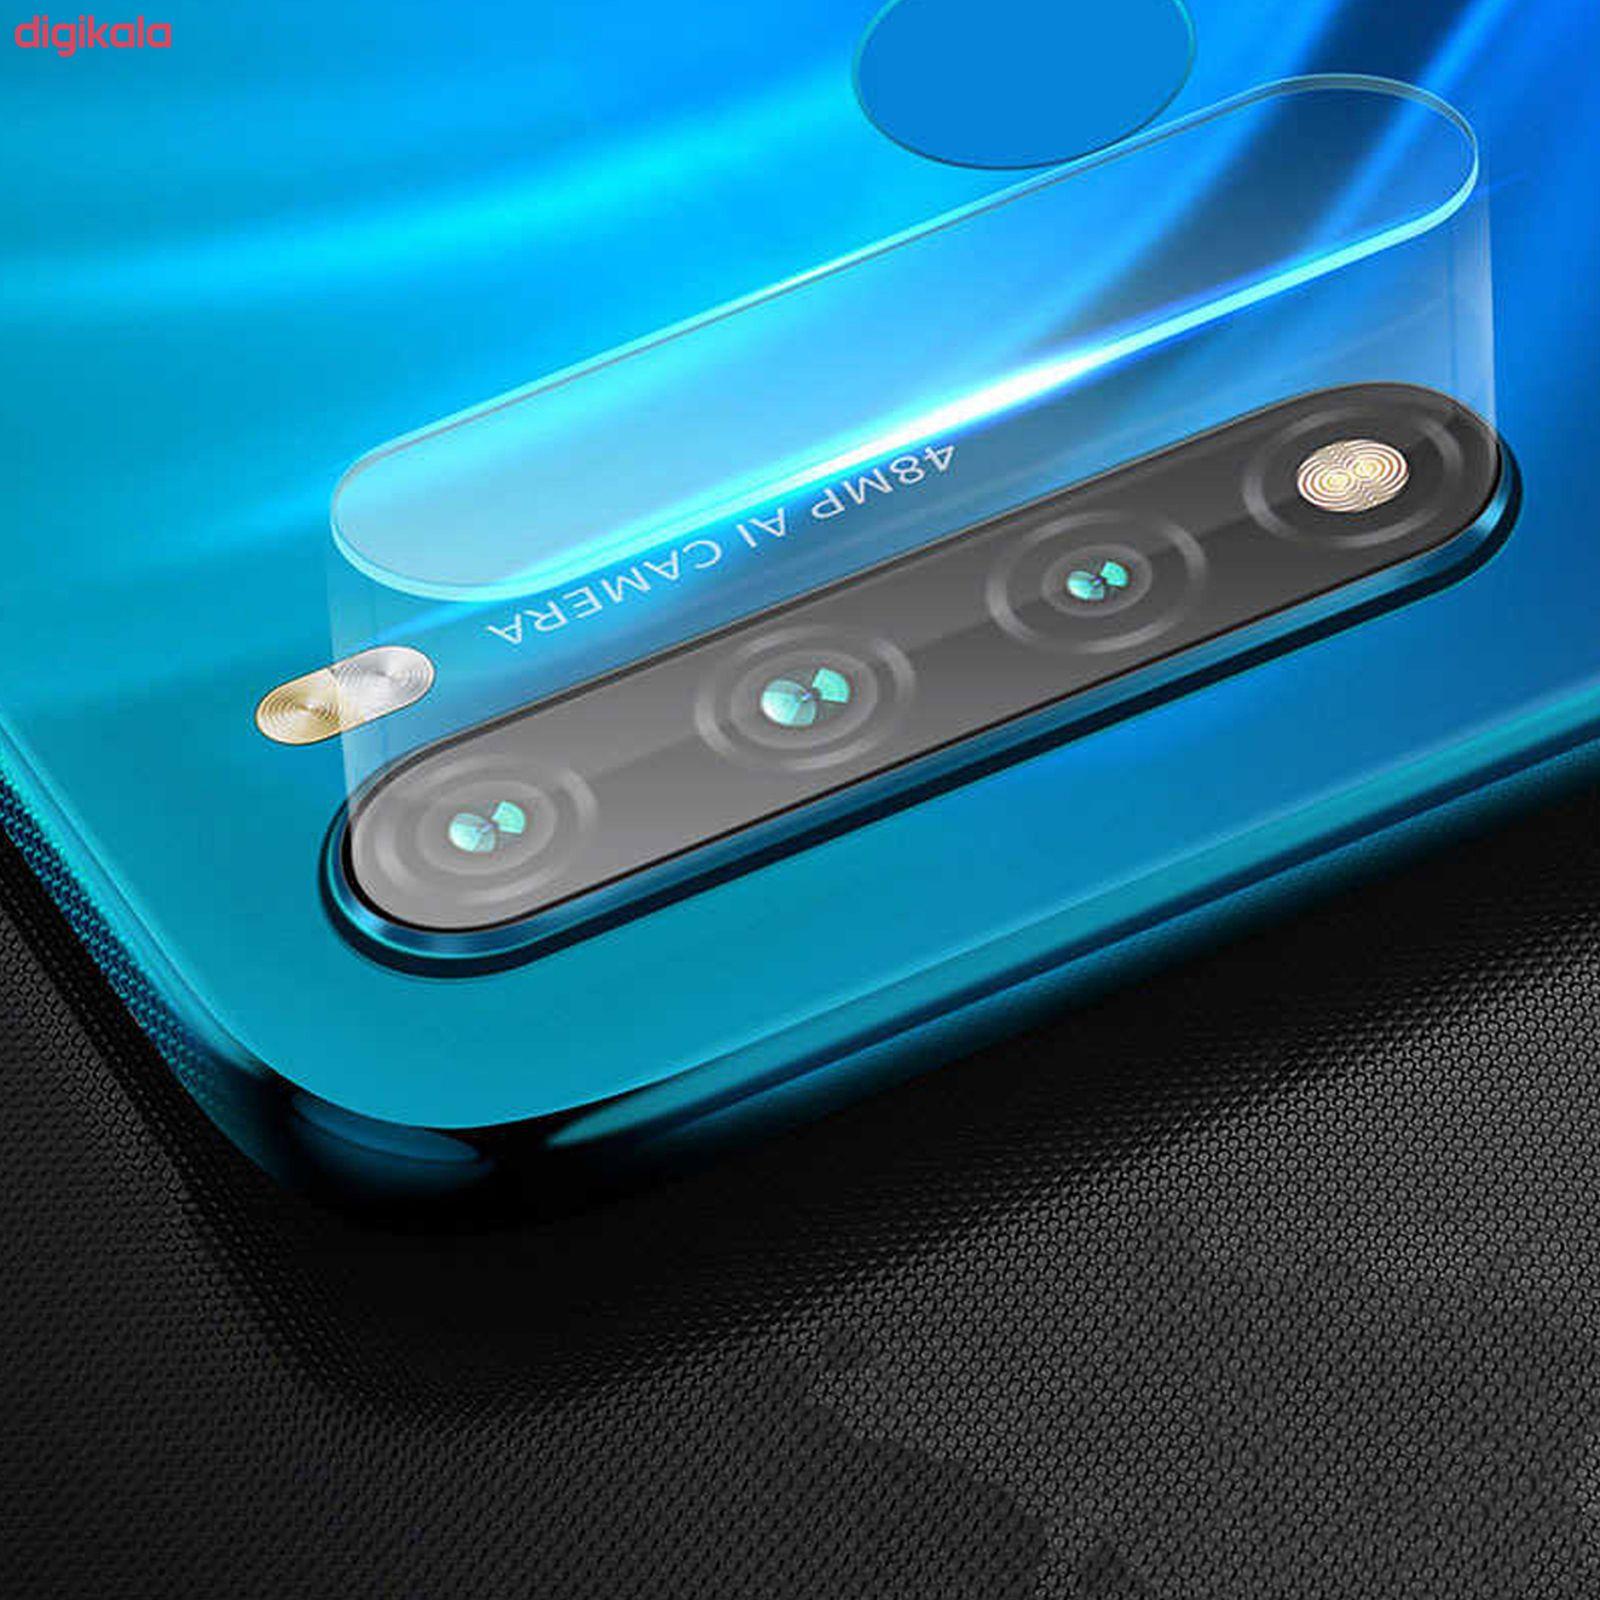 محافظ لنز دوربین سیحان مدل GLP مناسب برای گوشی موبایل شیائومی Redmi Note 8t main 1 4